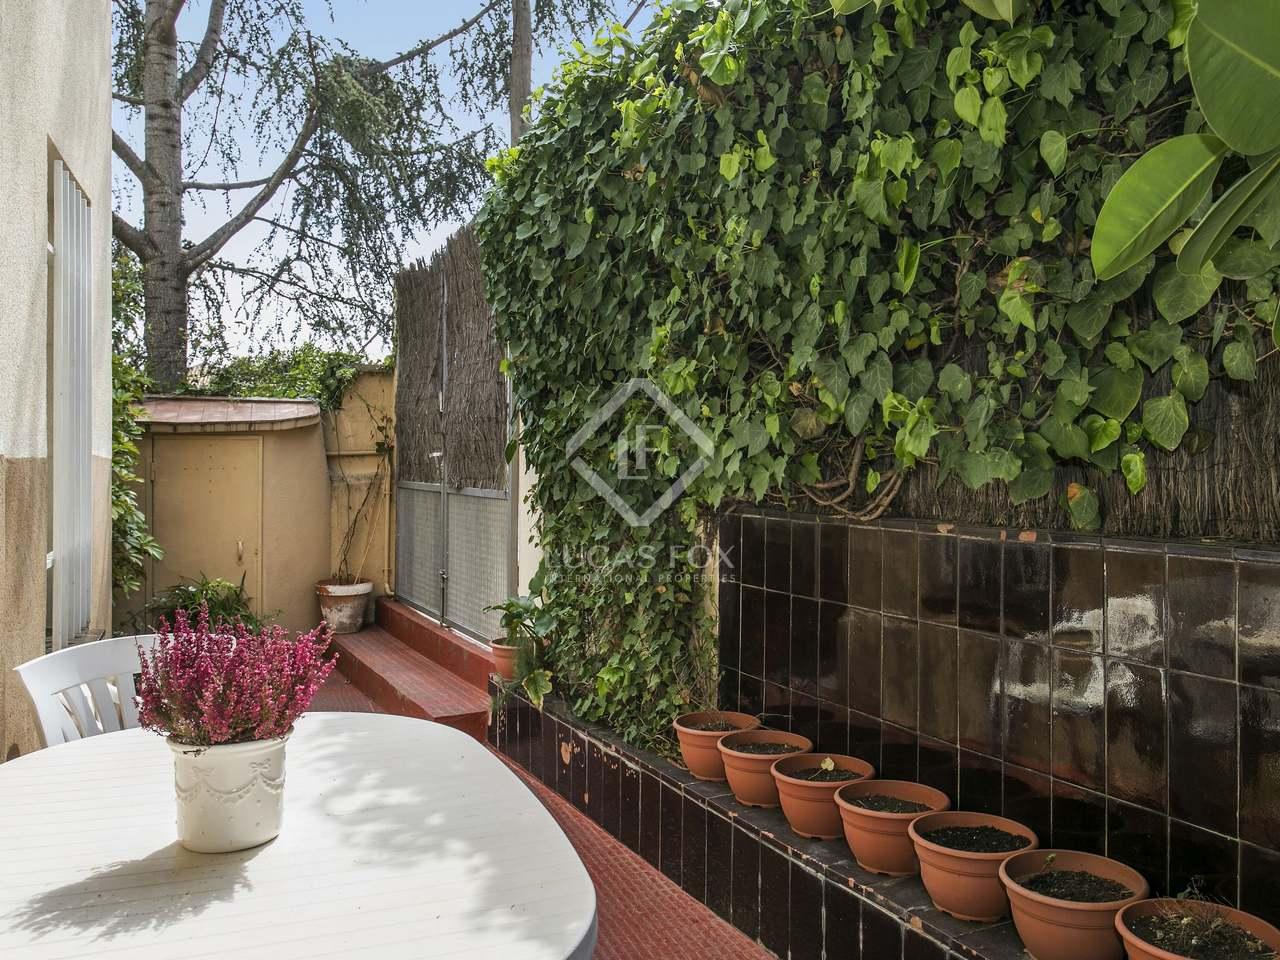 Casa con jard n y terraza a reformar y en venta en sarri for Casas con jardin y terraza